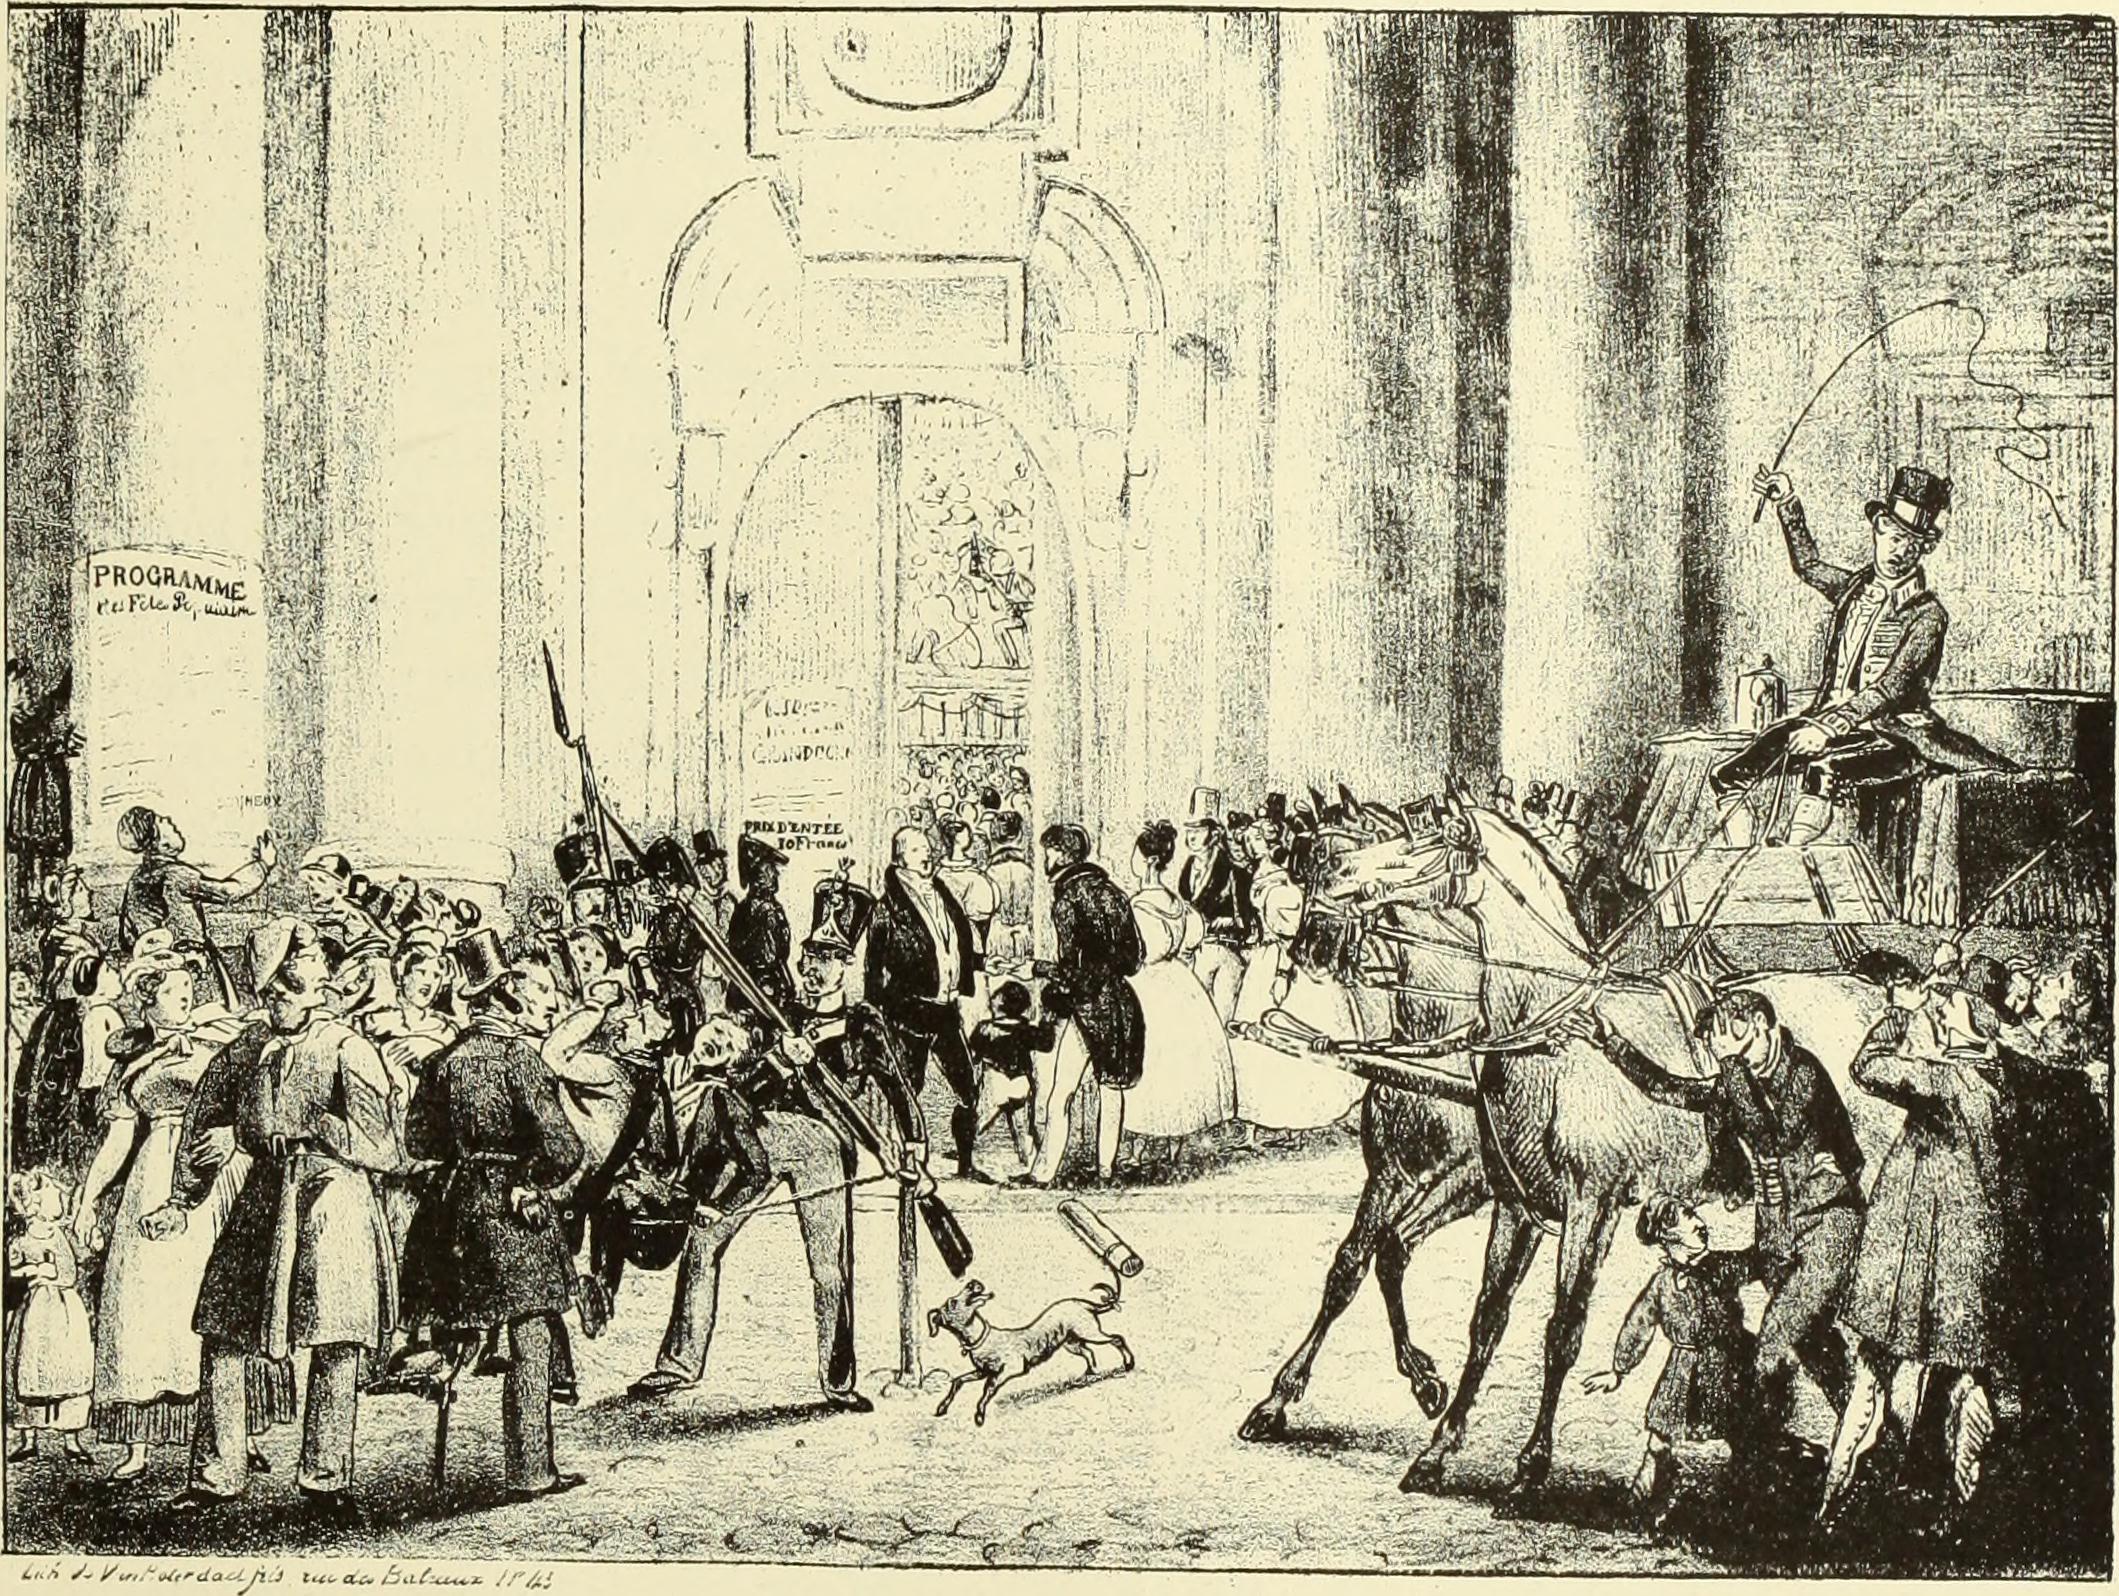 surgissait, on acclamait lavène-ment de deux jeunes peintres, Wappers et De Keyser, qui allaient remettre à neufle vieux blason de l'art belge. Text Appearing